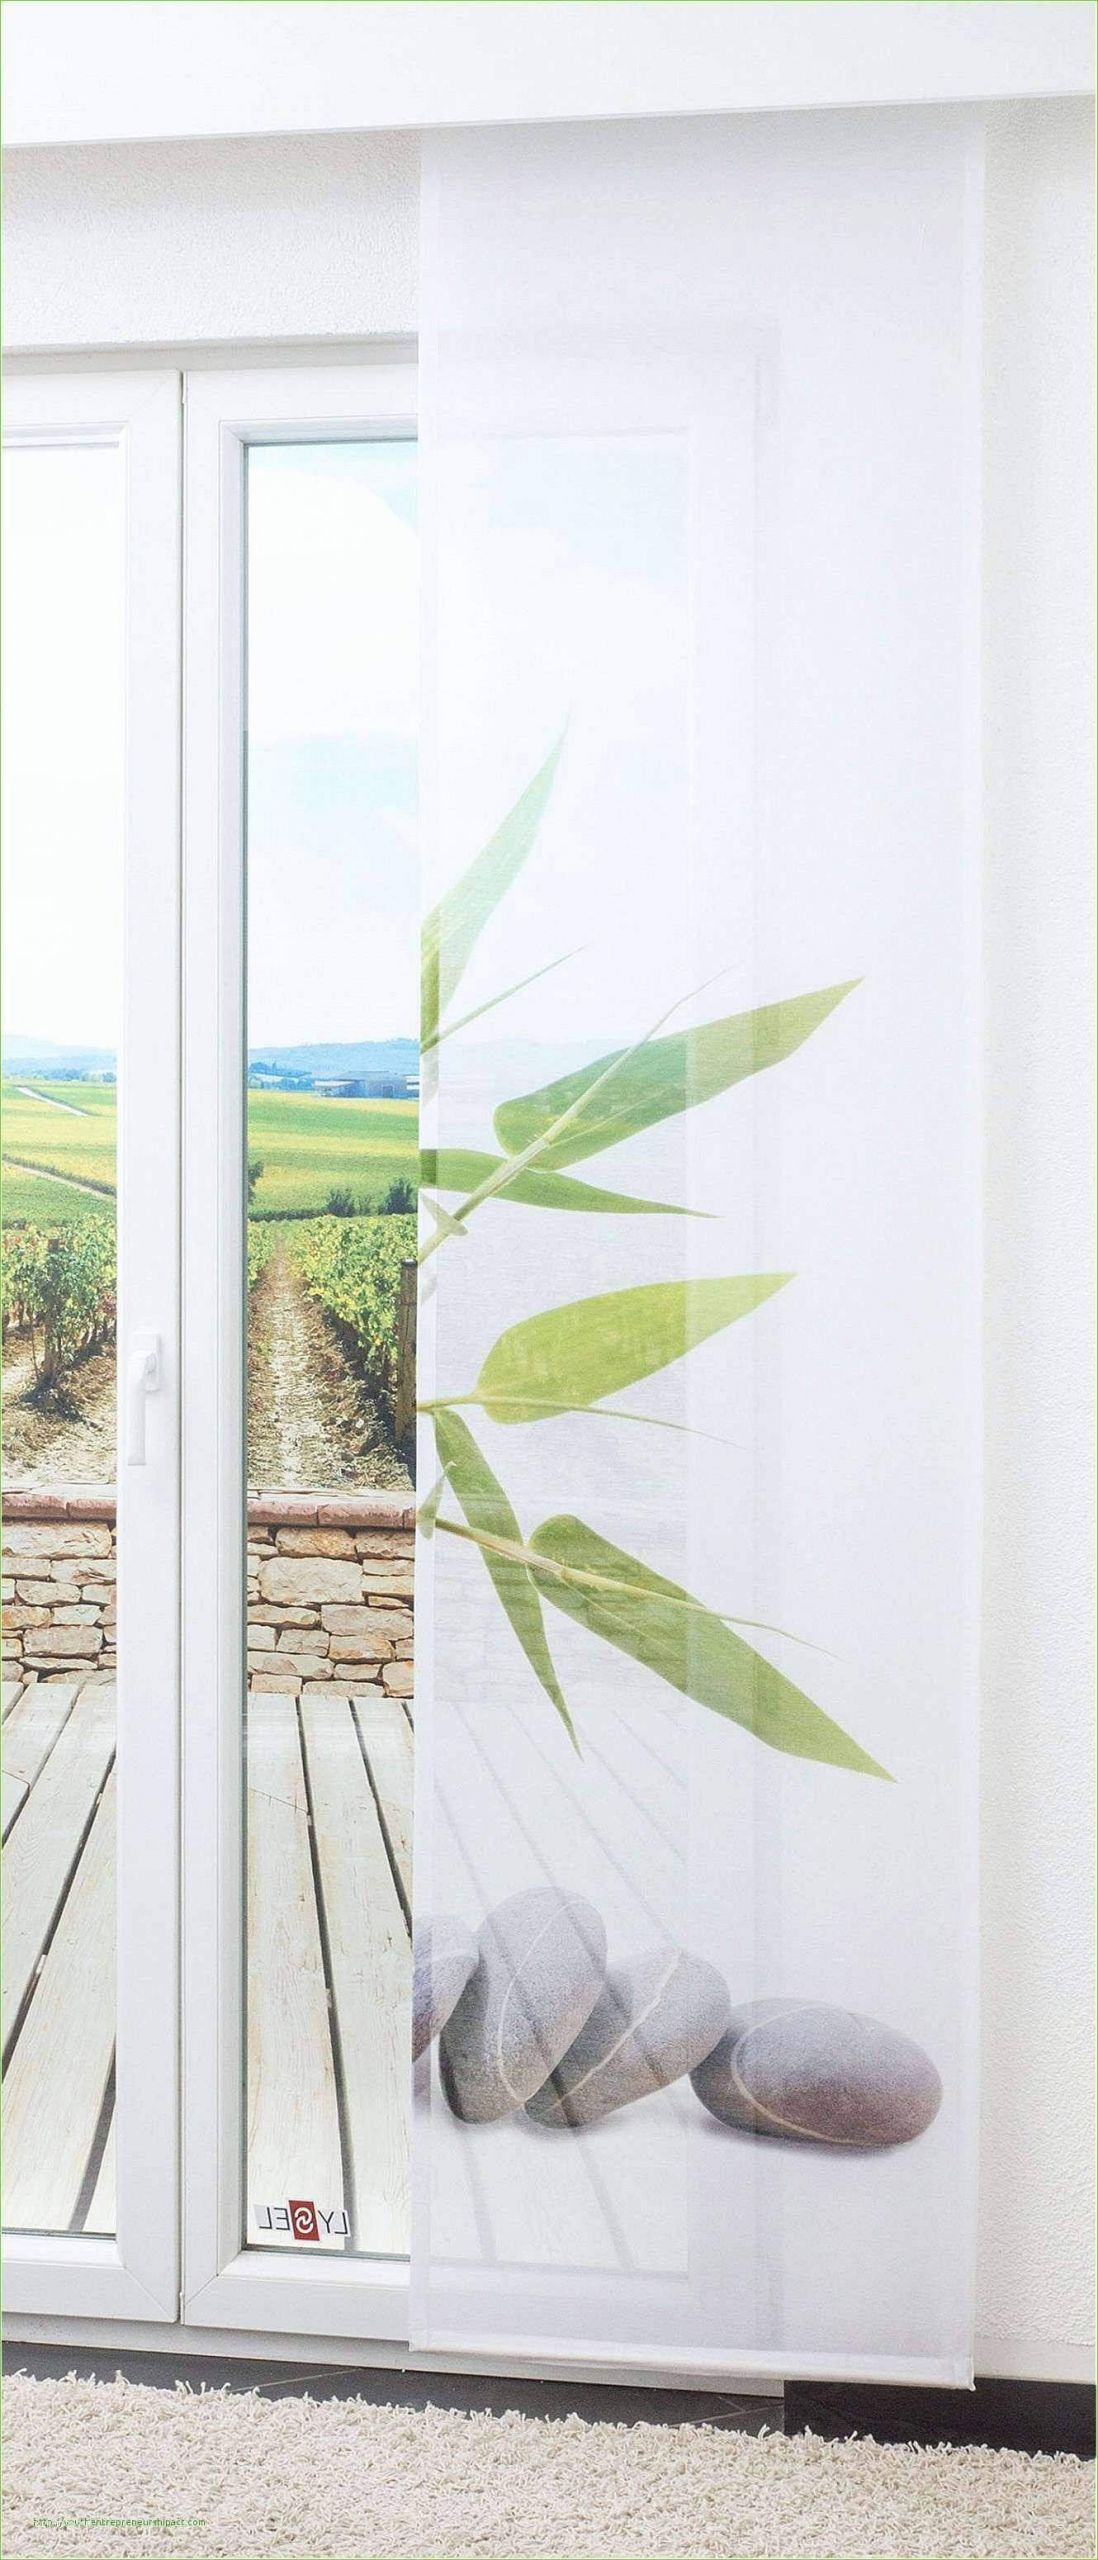 wanddeko wohnzimmer holz das beste von awesome wohnzimmer deko aus metall inspirations of wanddeko wohnzimmer holz